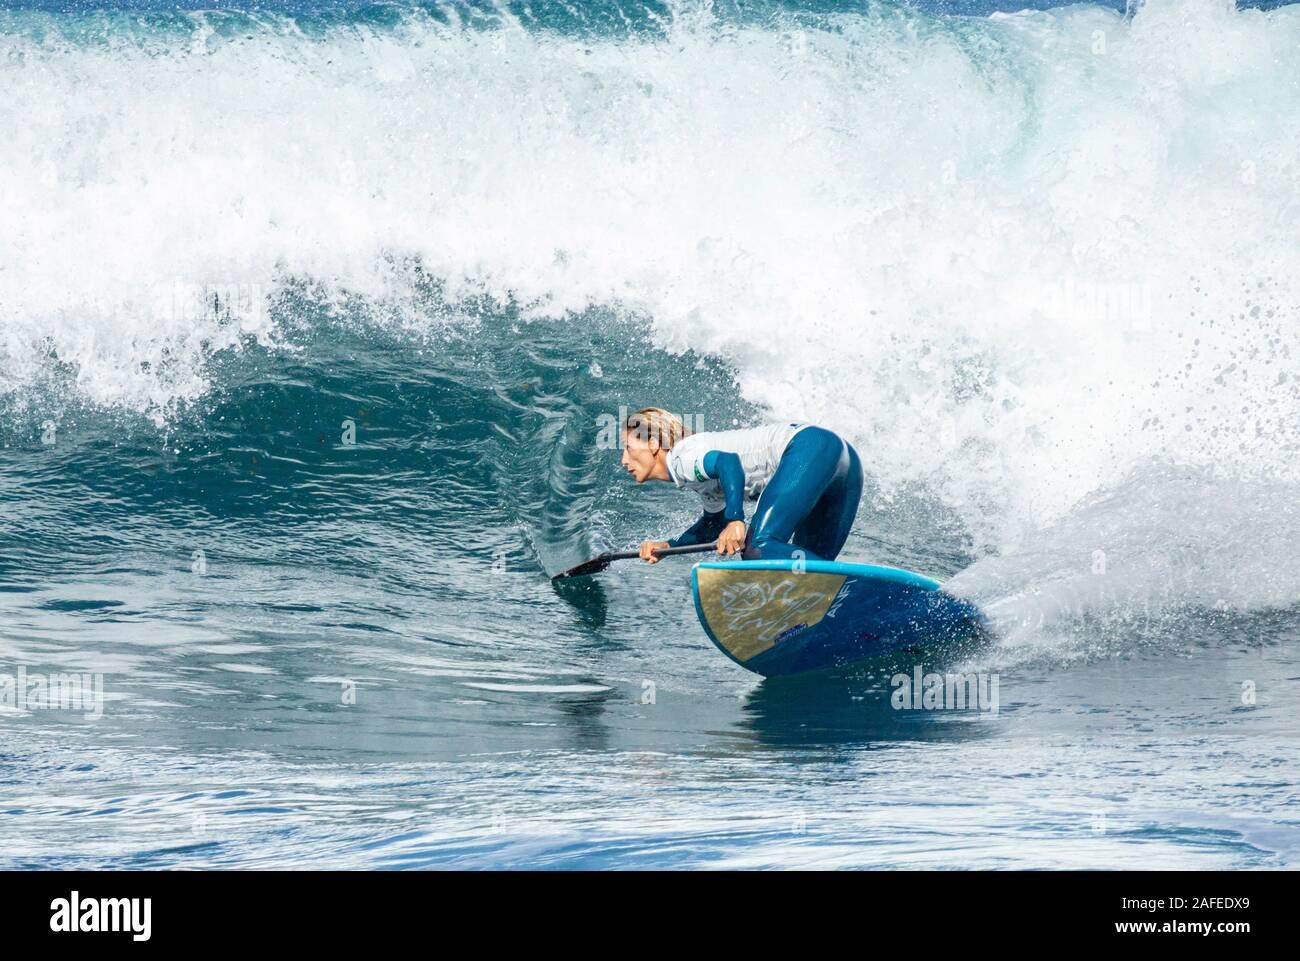 Las Palmas, Gran Canaria, Kanarische Inseln, Spanien. 15. Dezember 2019. Frauen Halbfinale: Paddle Surfers konkurrieren auf der letzten Etappe 2019 App World Tour in Las Palmas, der Hauptstadt Gran Canarias. Credit: ALAN DAWSON/Alamy leben Nachrichten Stockfoto